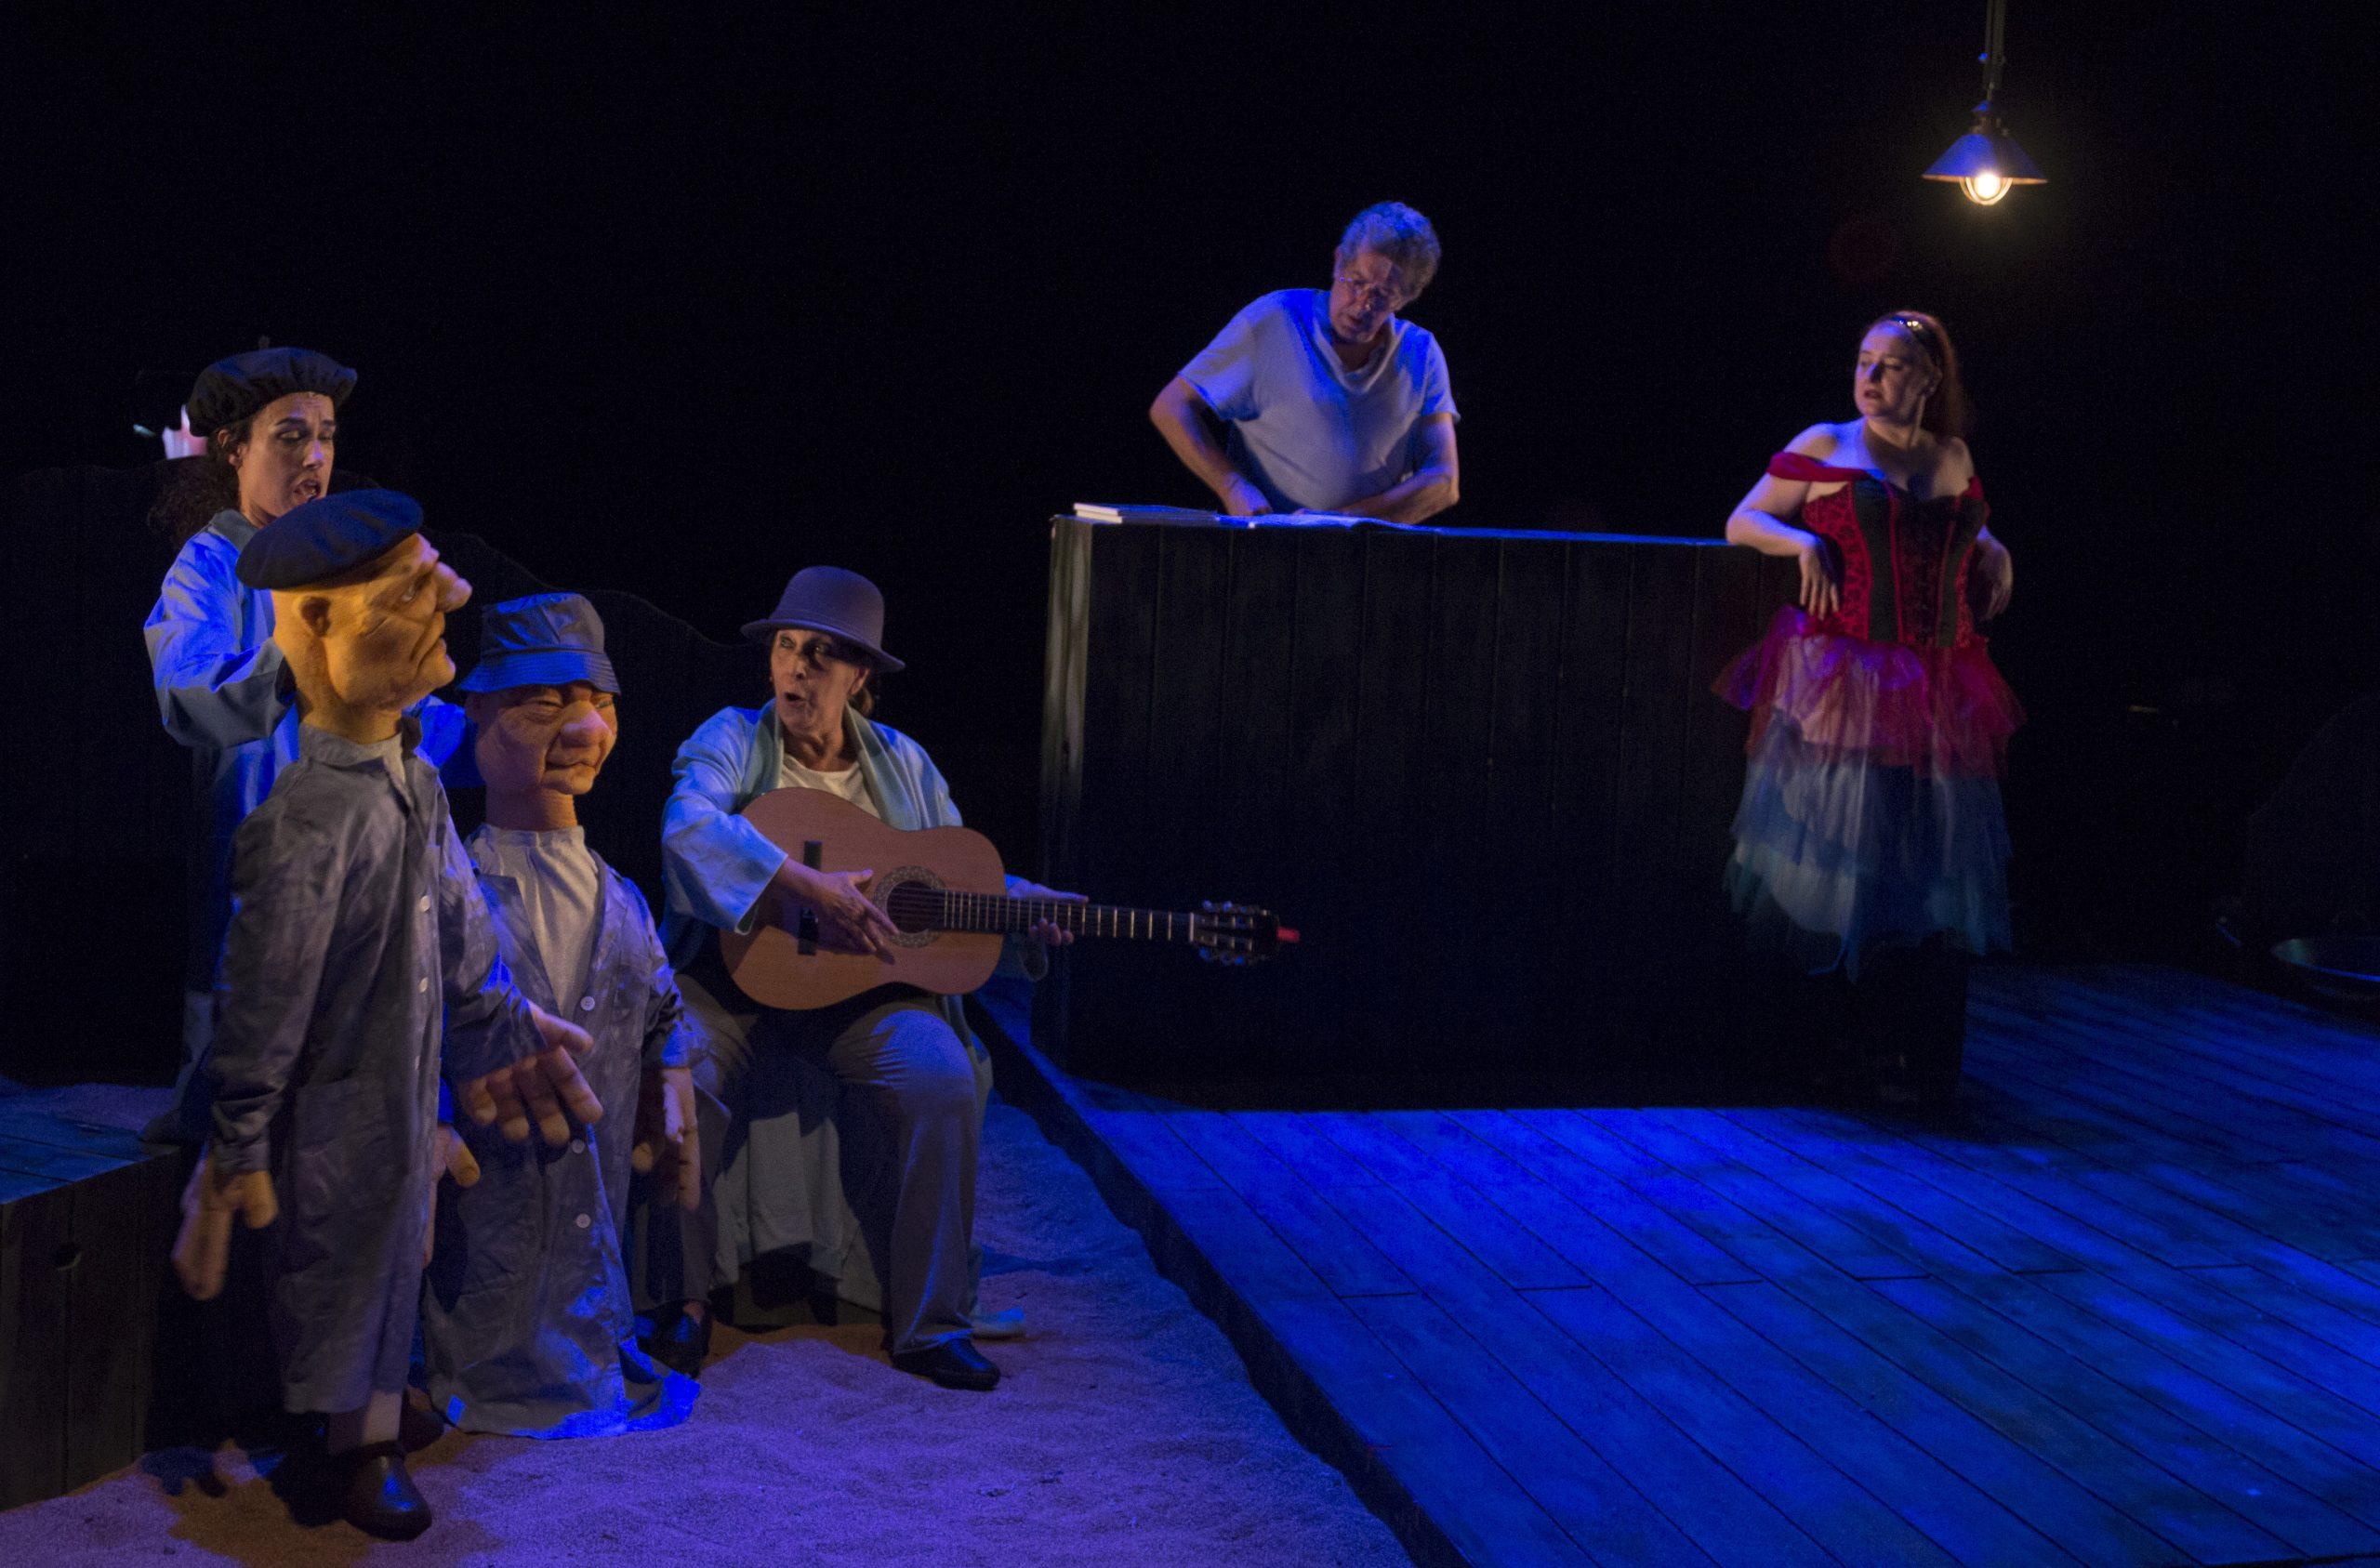 A Xunta ofrece 25 actuacións escénicas e musicais na Mariña ata xuño a través da Rede Galega de Teatros e Auditorios